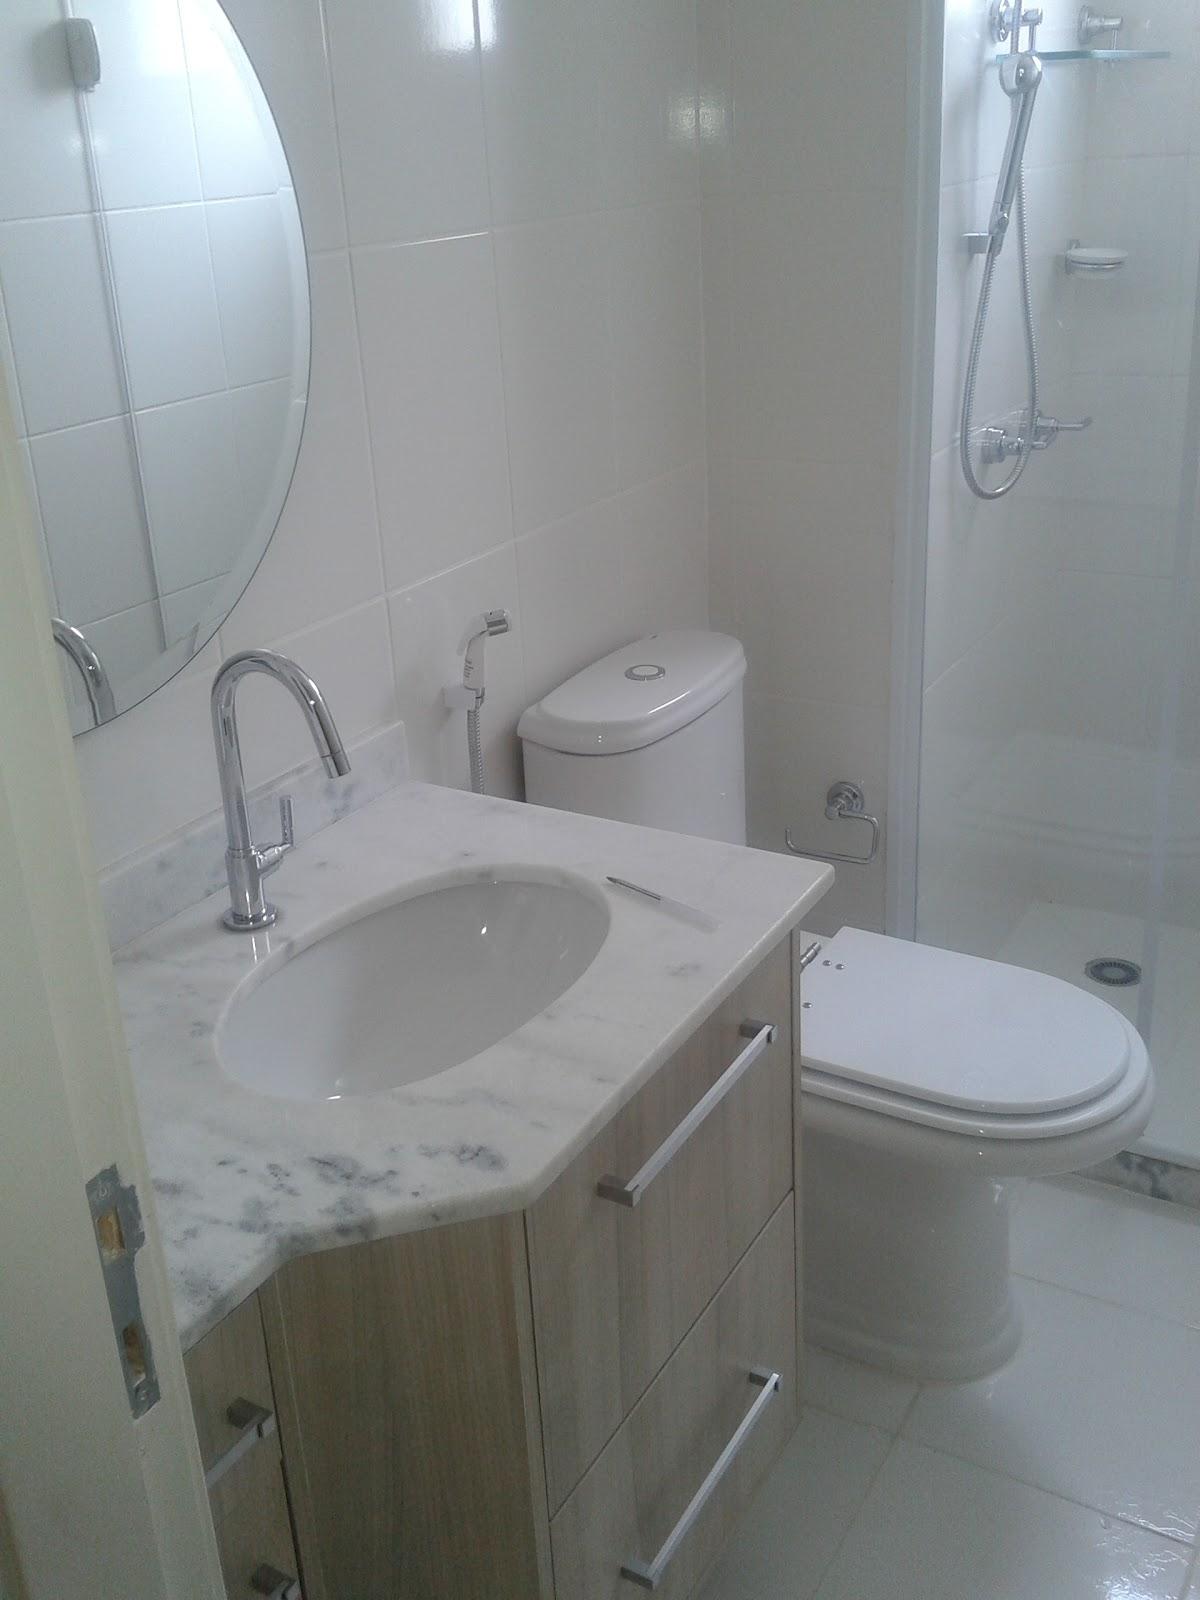 Banheiro já personalizado com móvel de gabinete torneira e ducha  #4B6A80 1200x1600 Acessorios Banheiro Deca